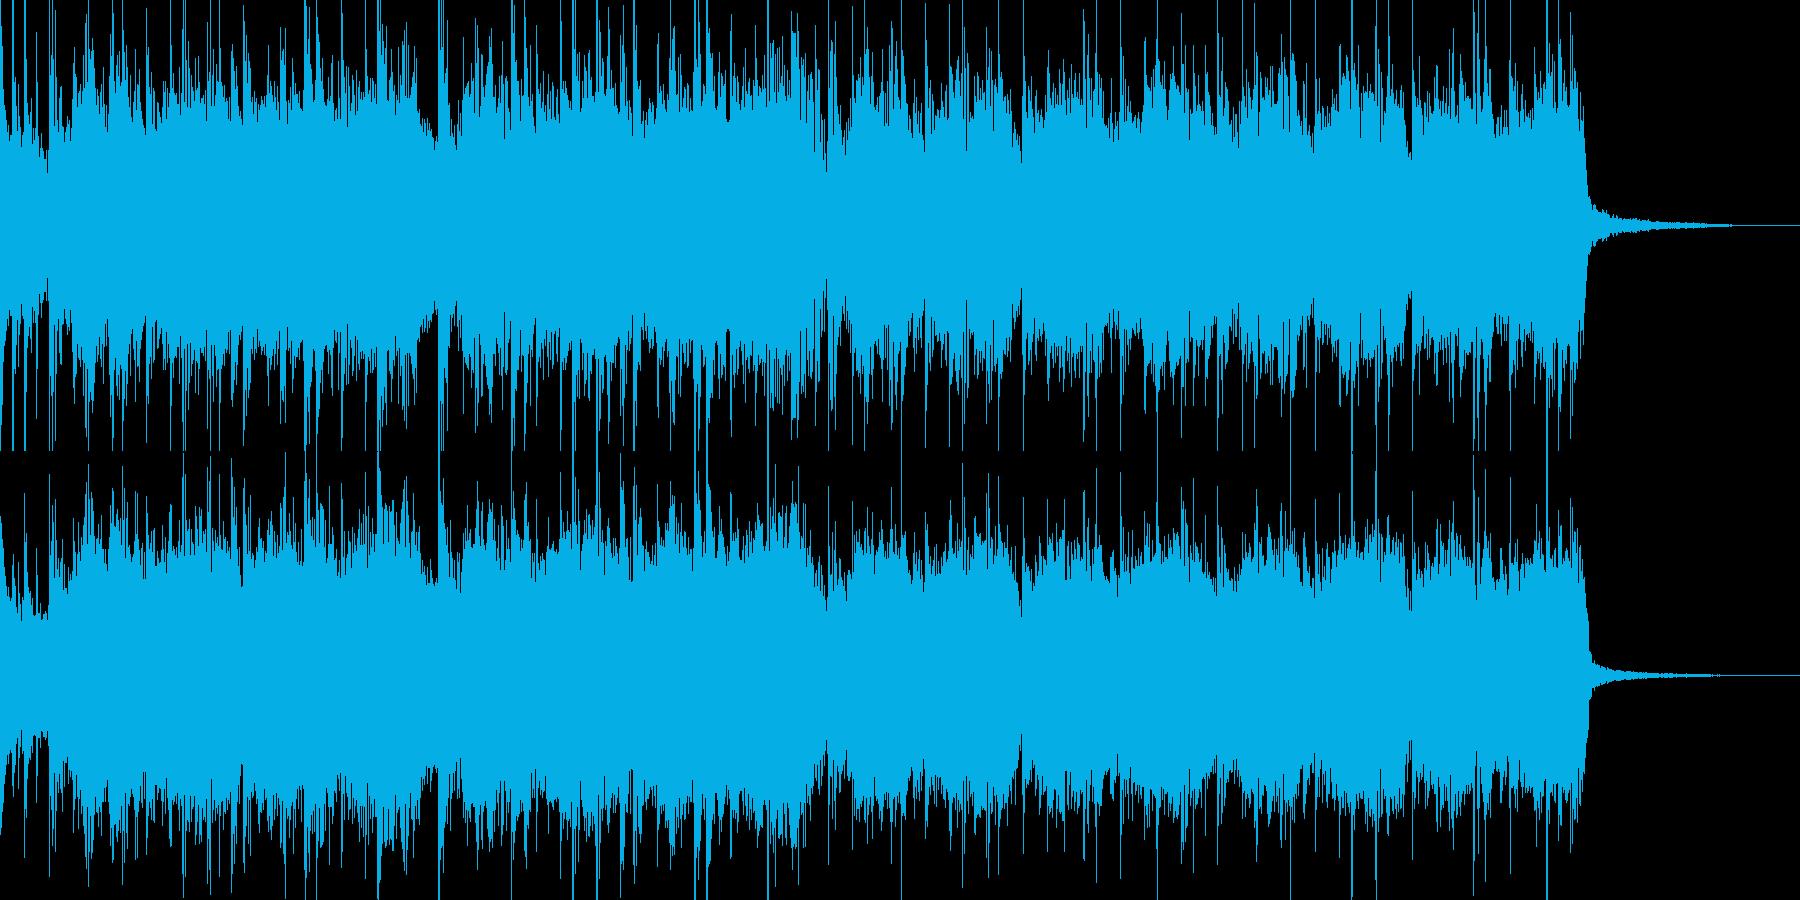 J-POPでショートな曲の再生済みの波形